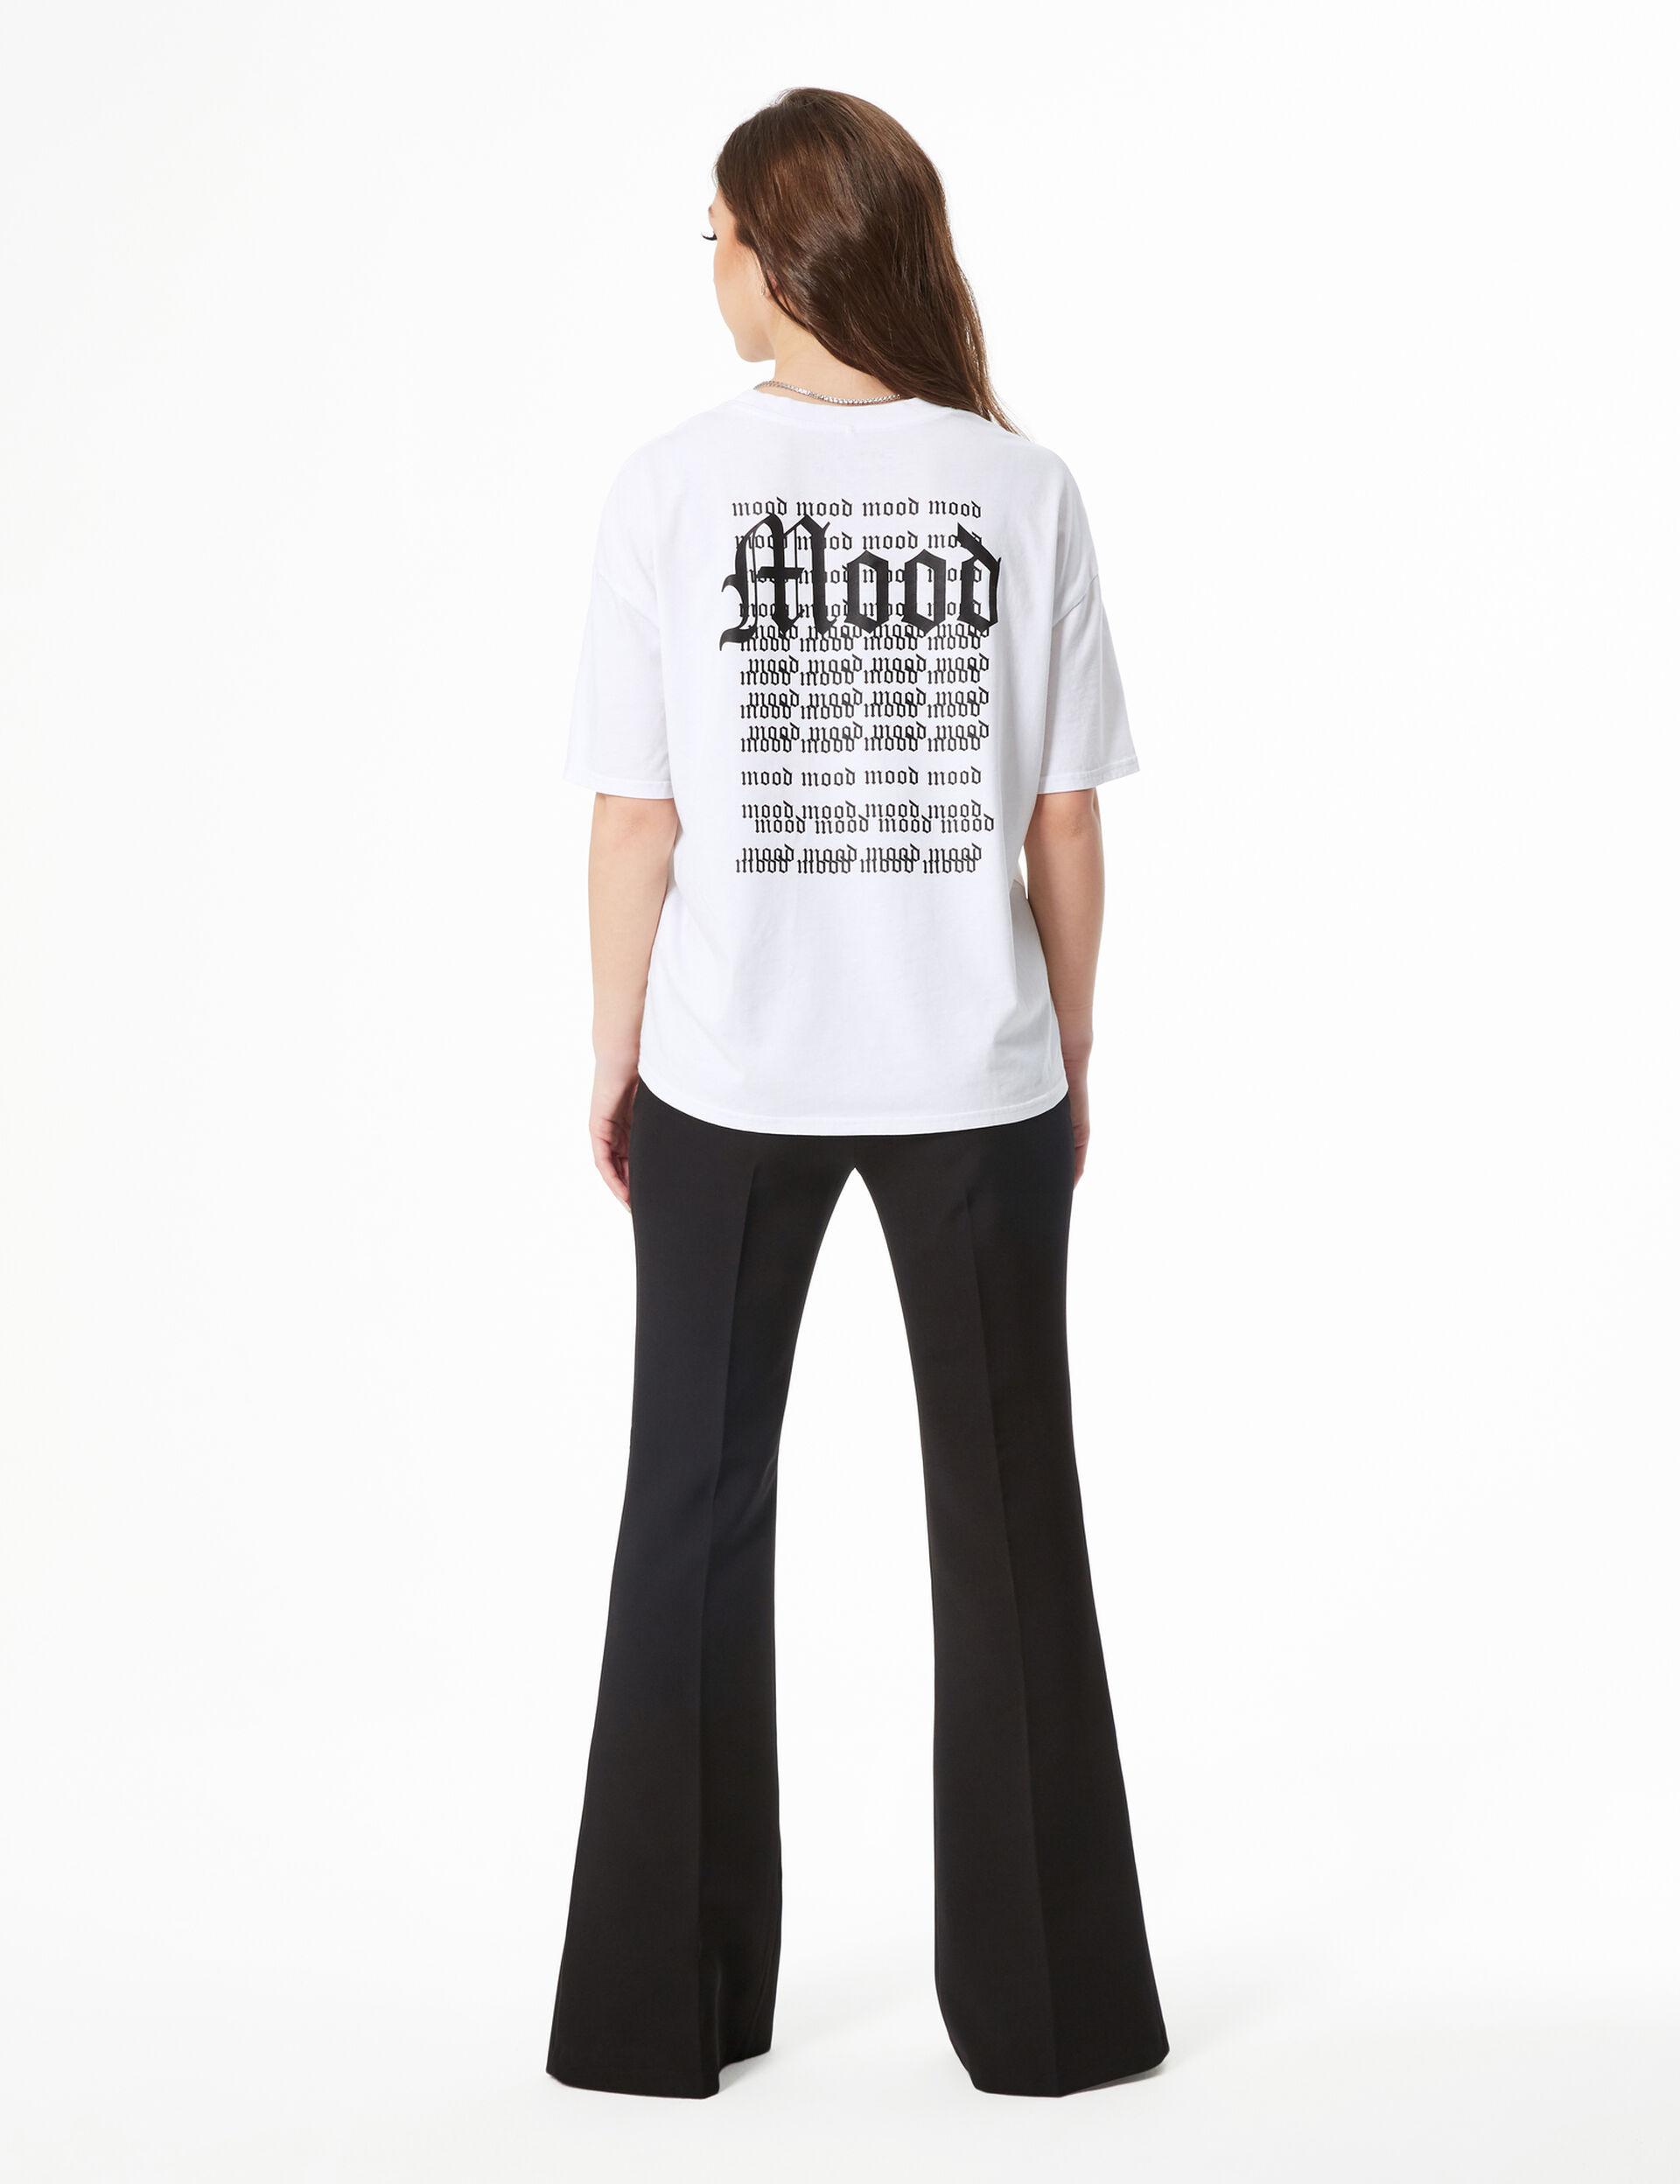 Tee-shirt Mood